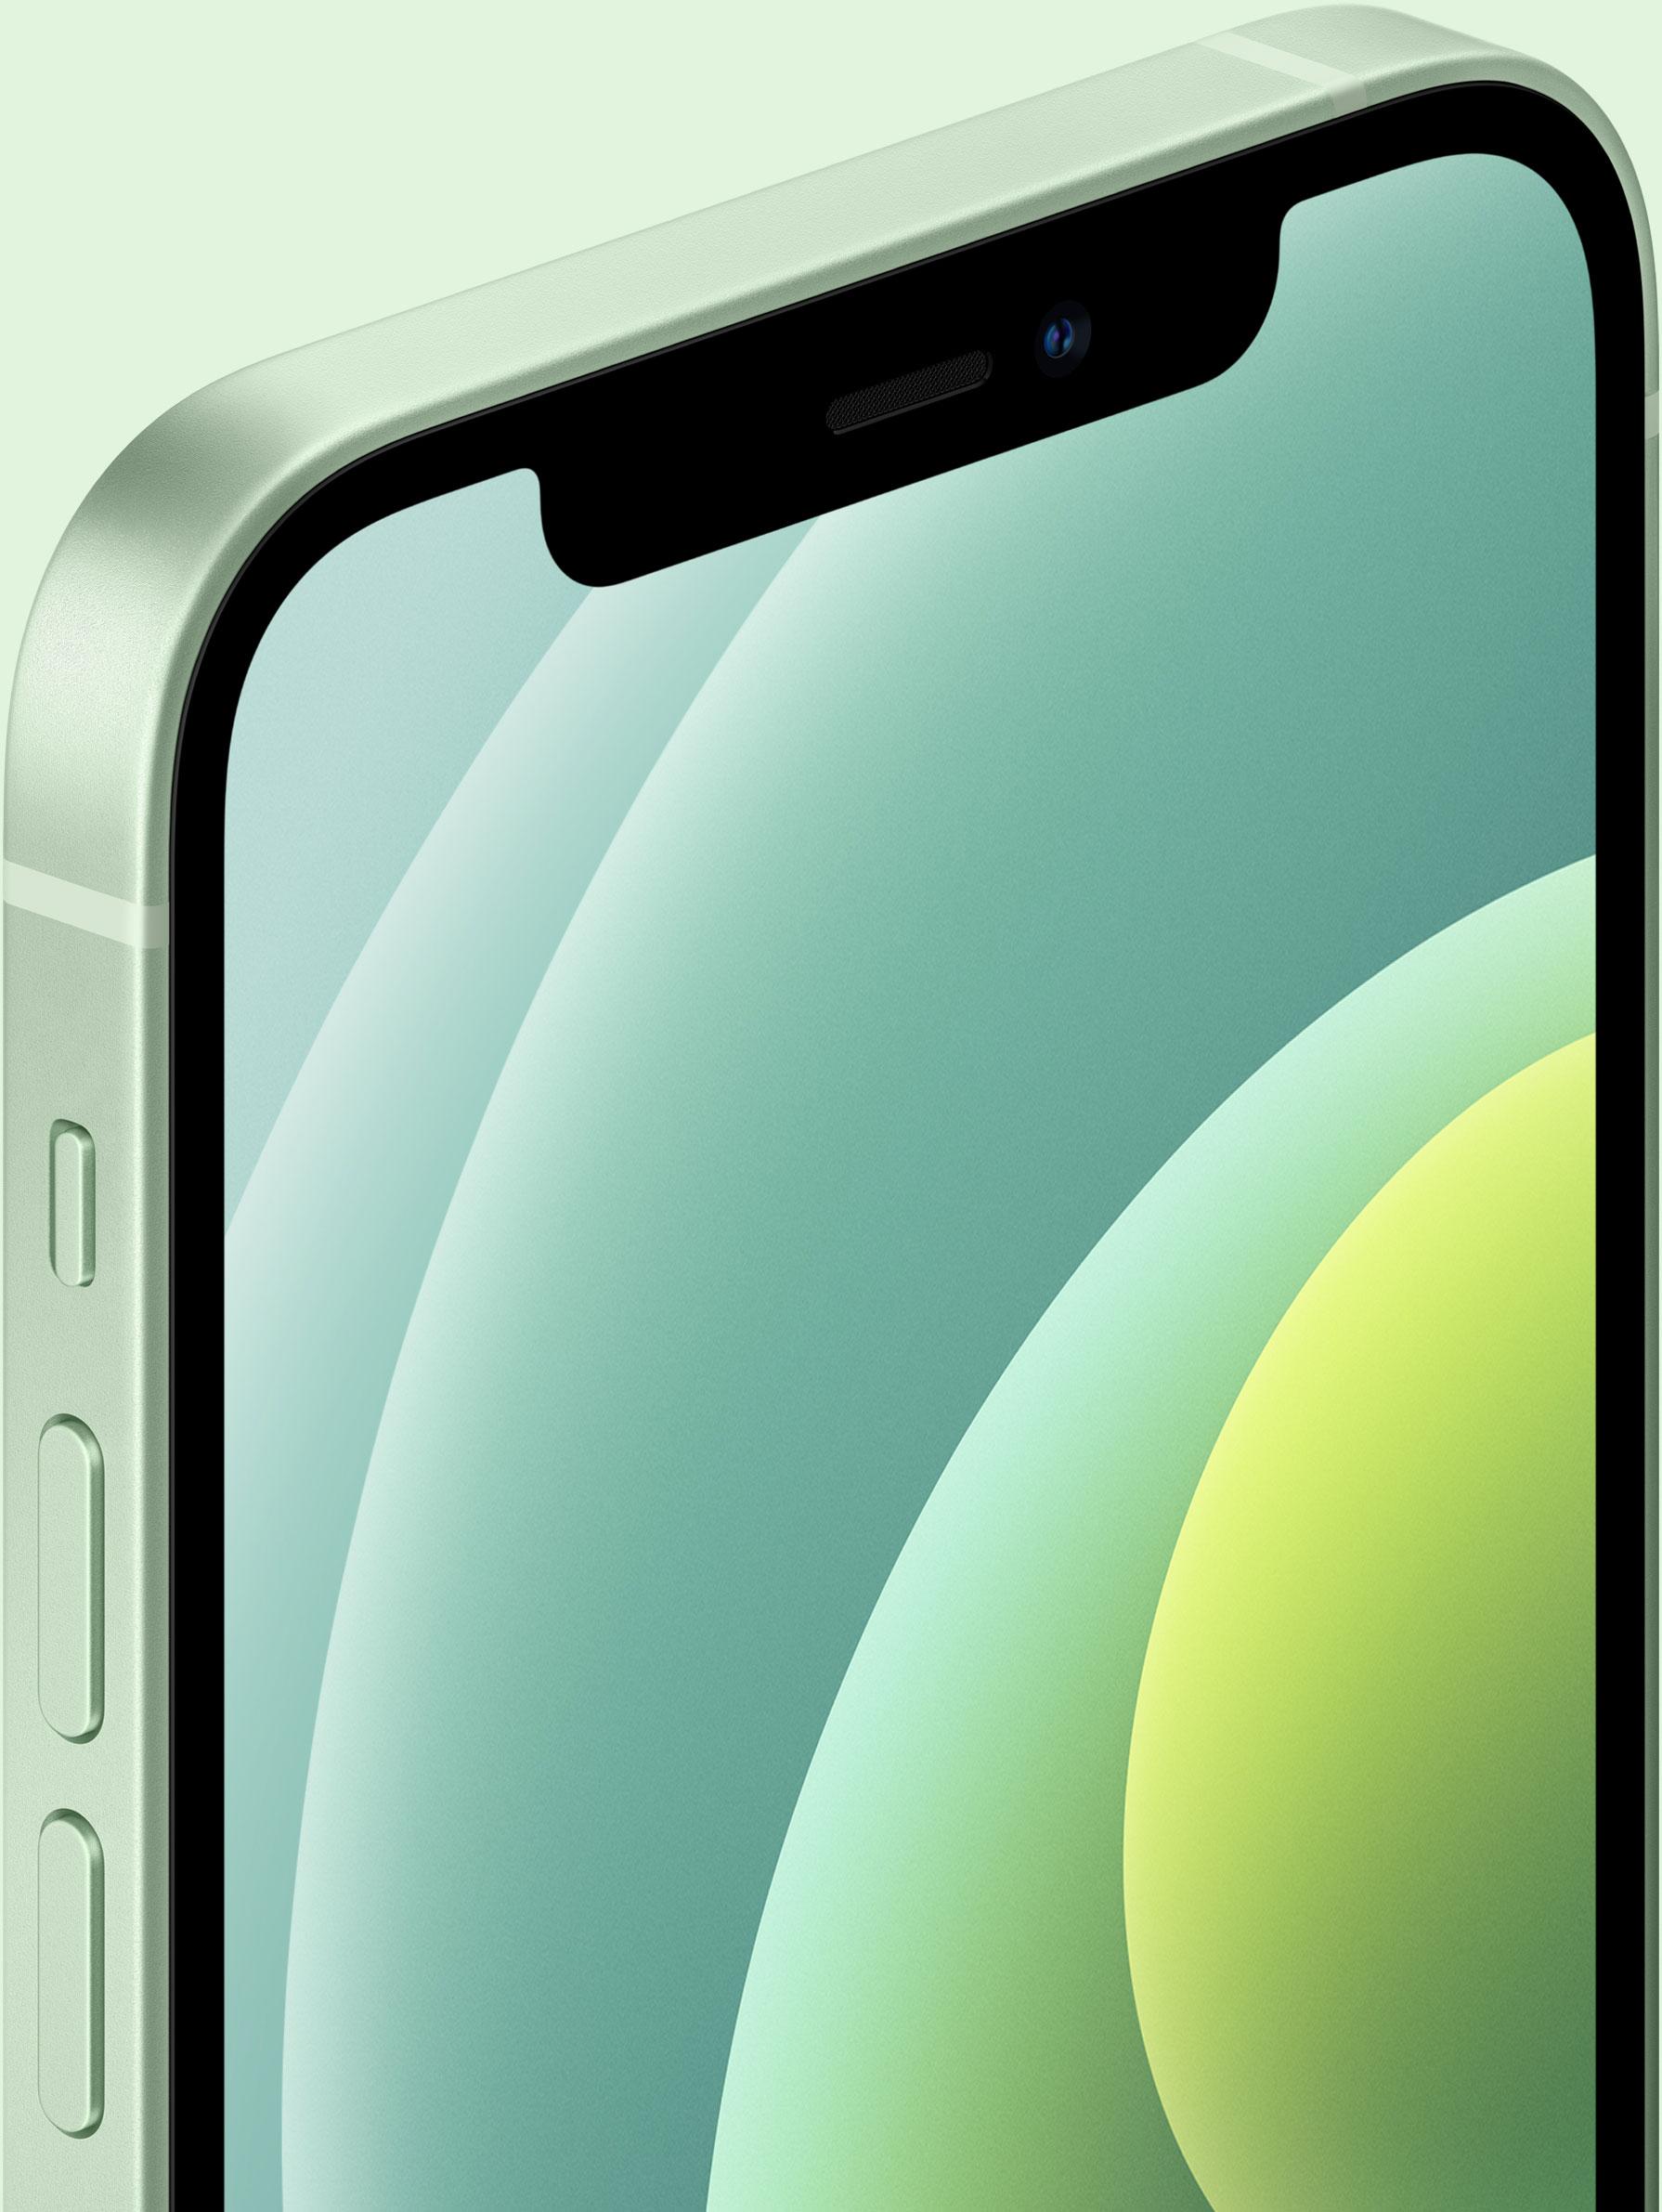 Корпус нового Apple iPhone 12 выполнен из прочных материалов, благодаря чему он в 4 раза надежнее предыдущего поколения iPhone. Кроме того, он поддерживает защиту от пыли и влаги, а также доступен в новых ярких цветах.